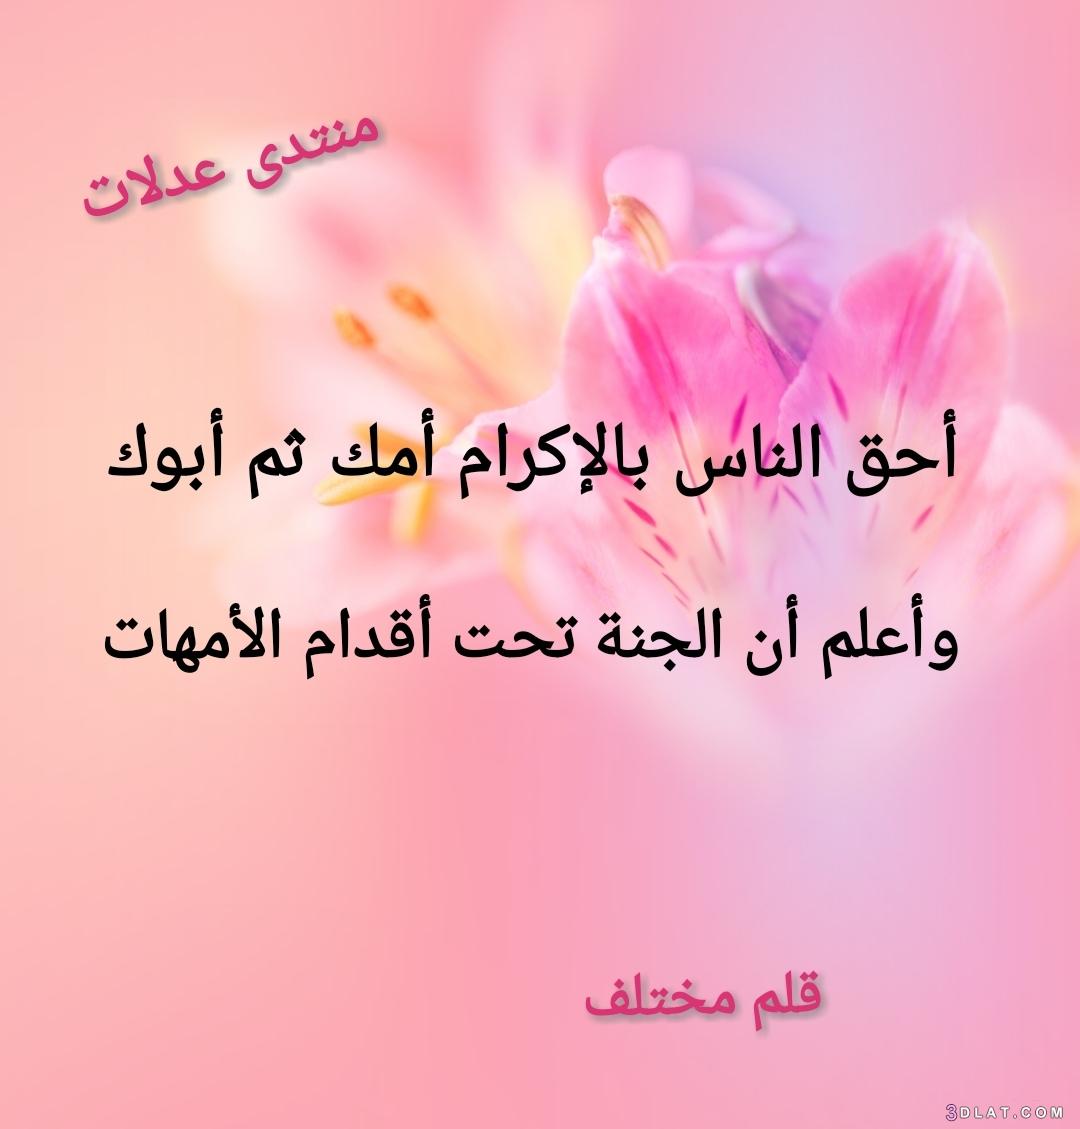 تصميمي الوالدين العقوق)) 3dlat.com_10_18_ae0d